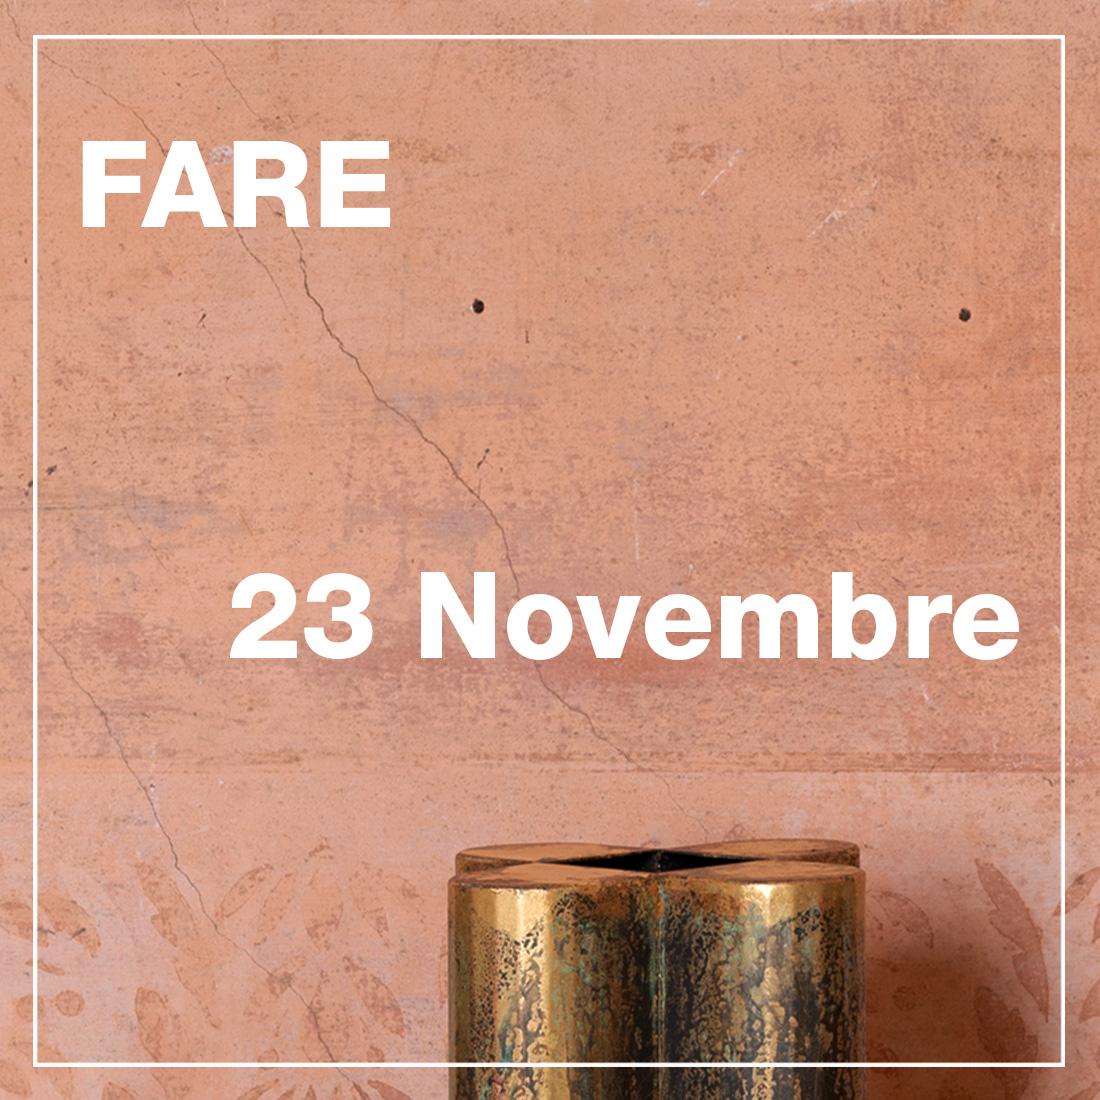 Fare - 23 Novembre